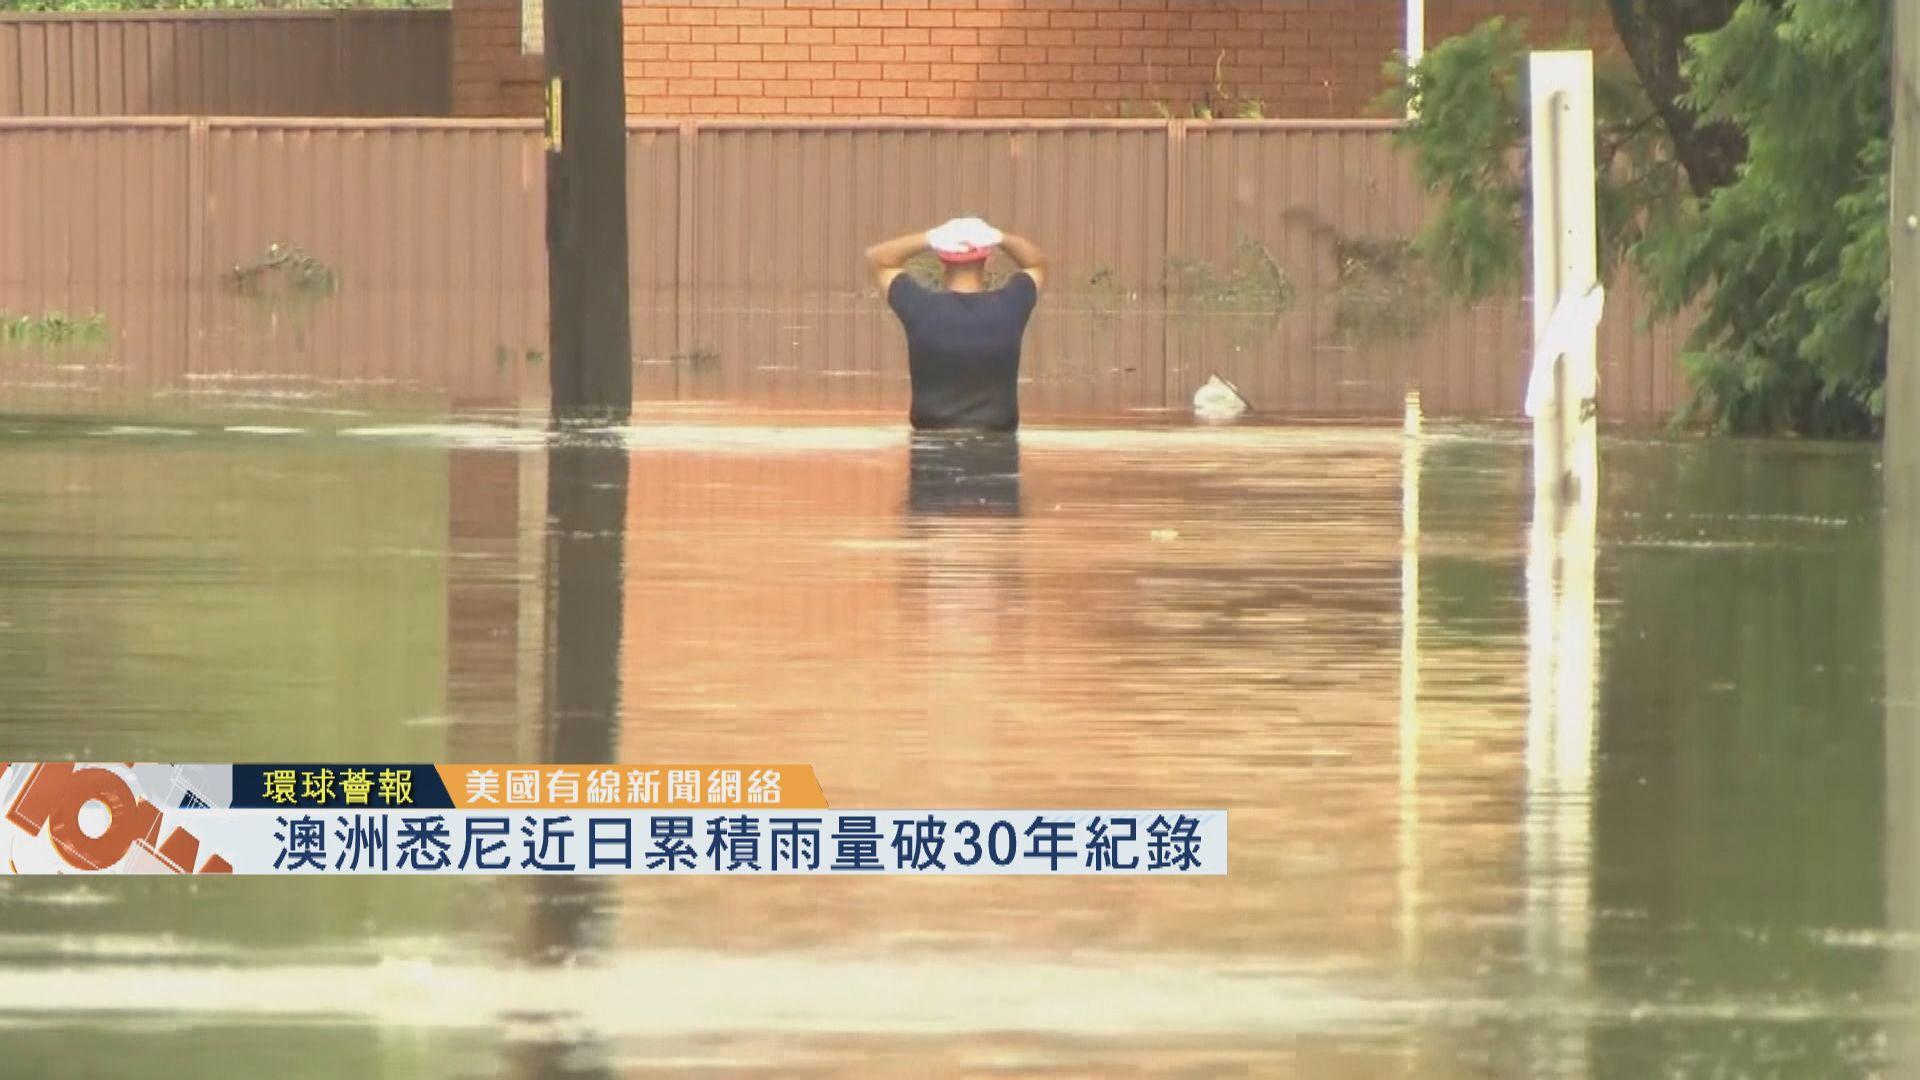 【環球薈報】澳洲悉尼近日累積雨量破30年紀錄